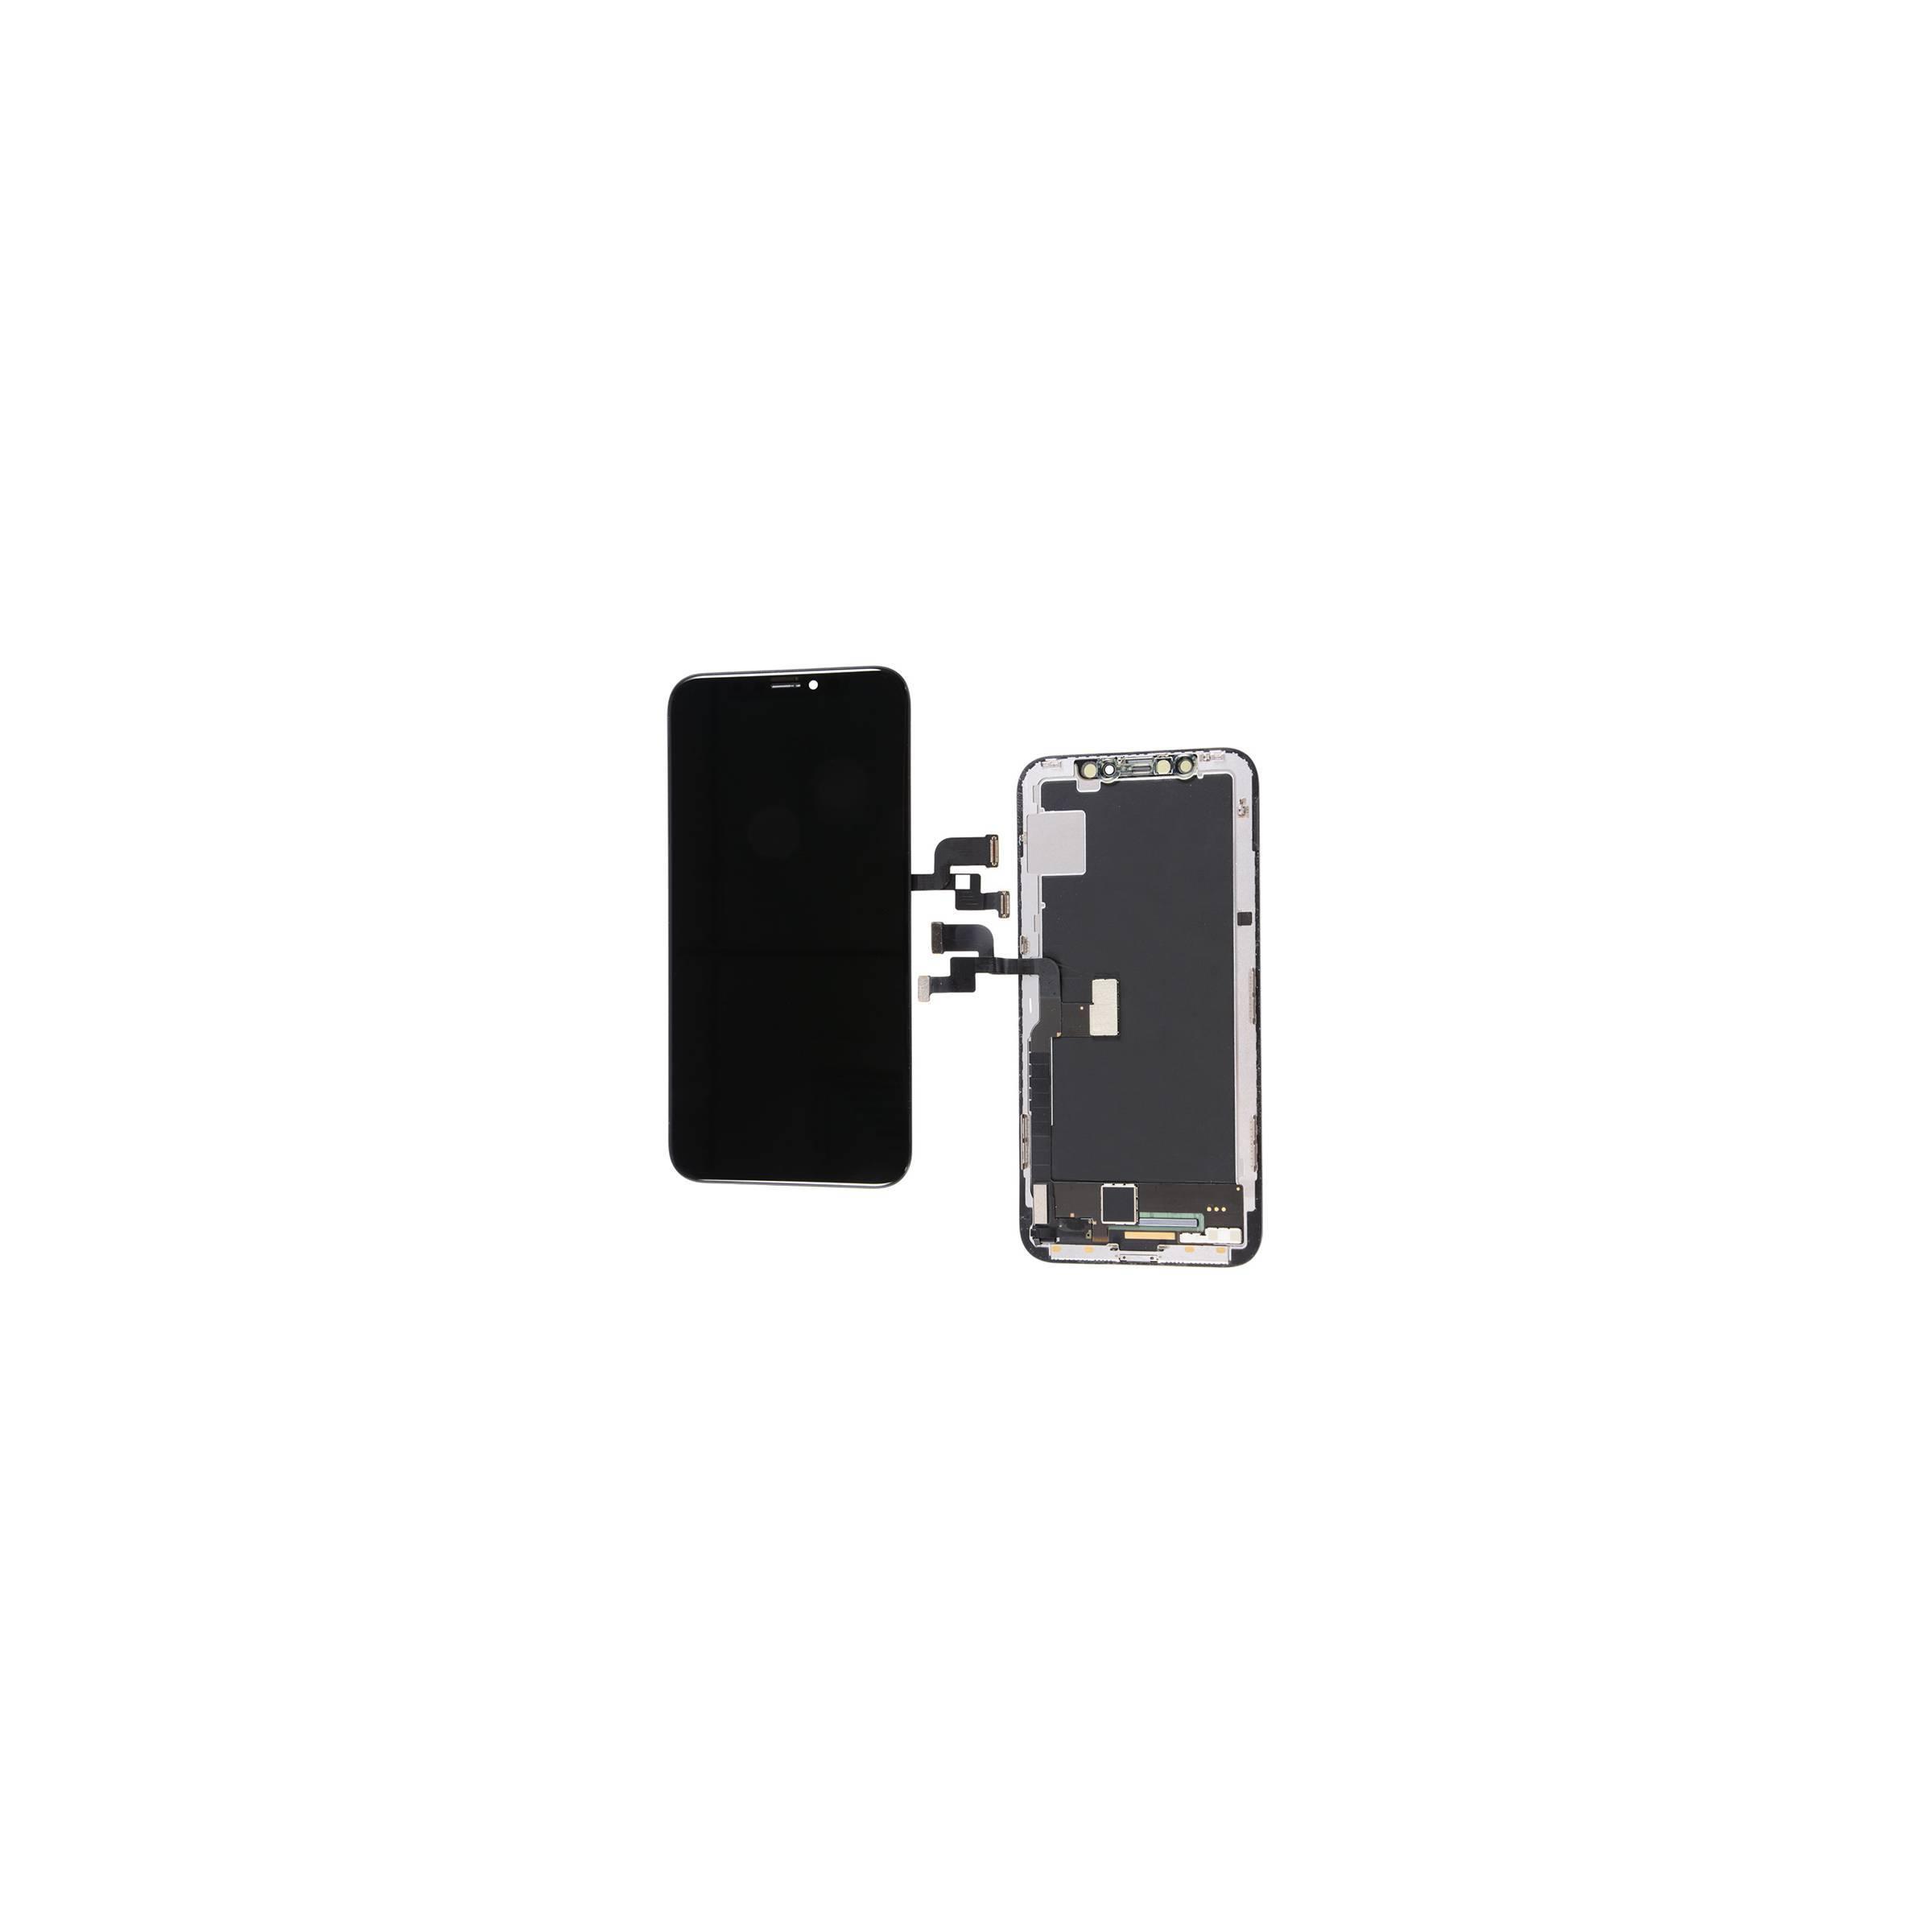 sinox – Iphone x skærm i høj kvalitet på mackabler.dk